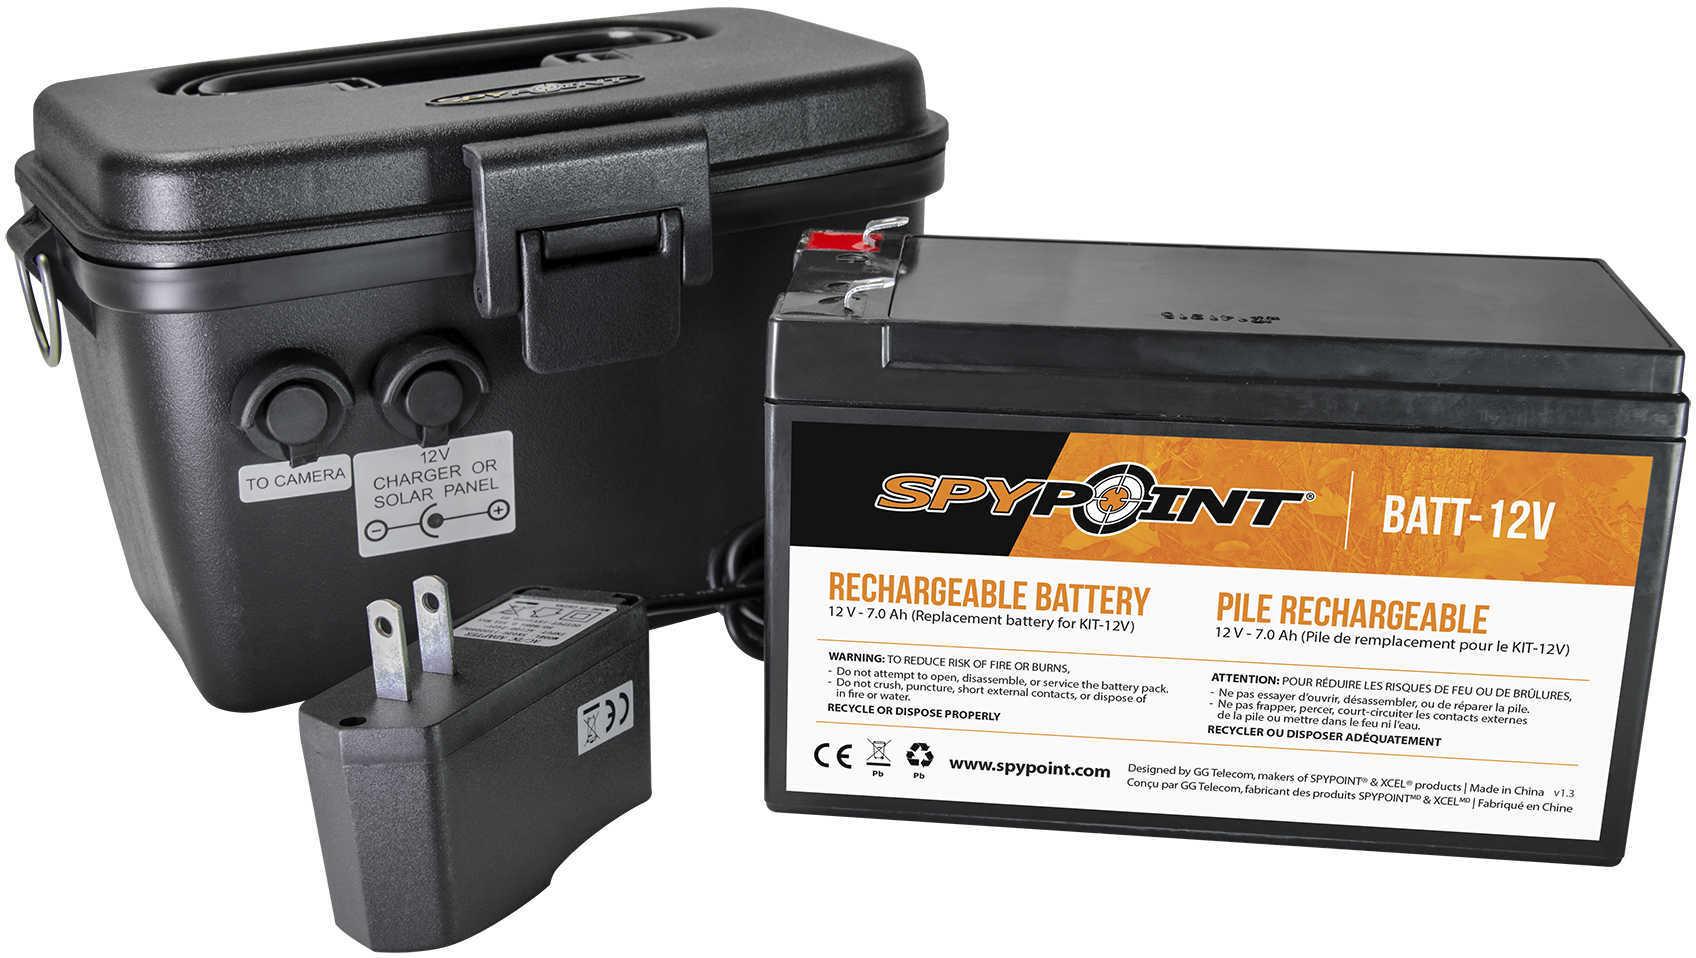 SpyPoint 12V Battery, Charger and Housing Kit KIT-12V